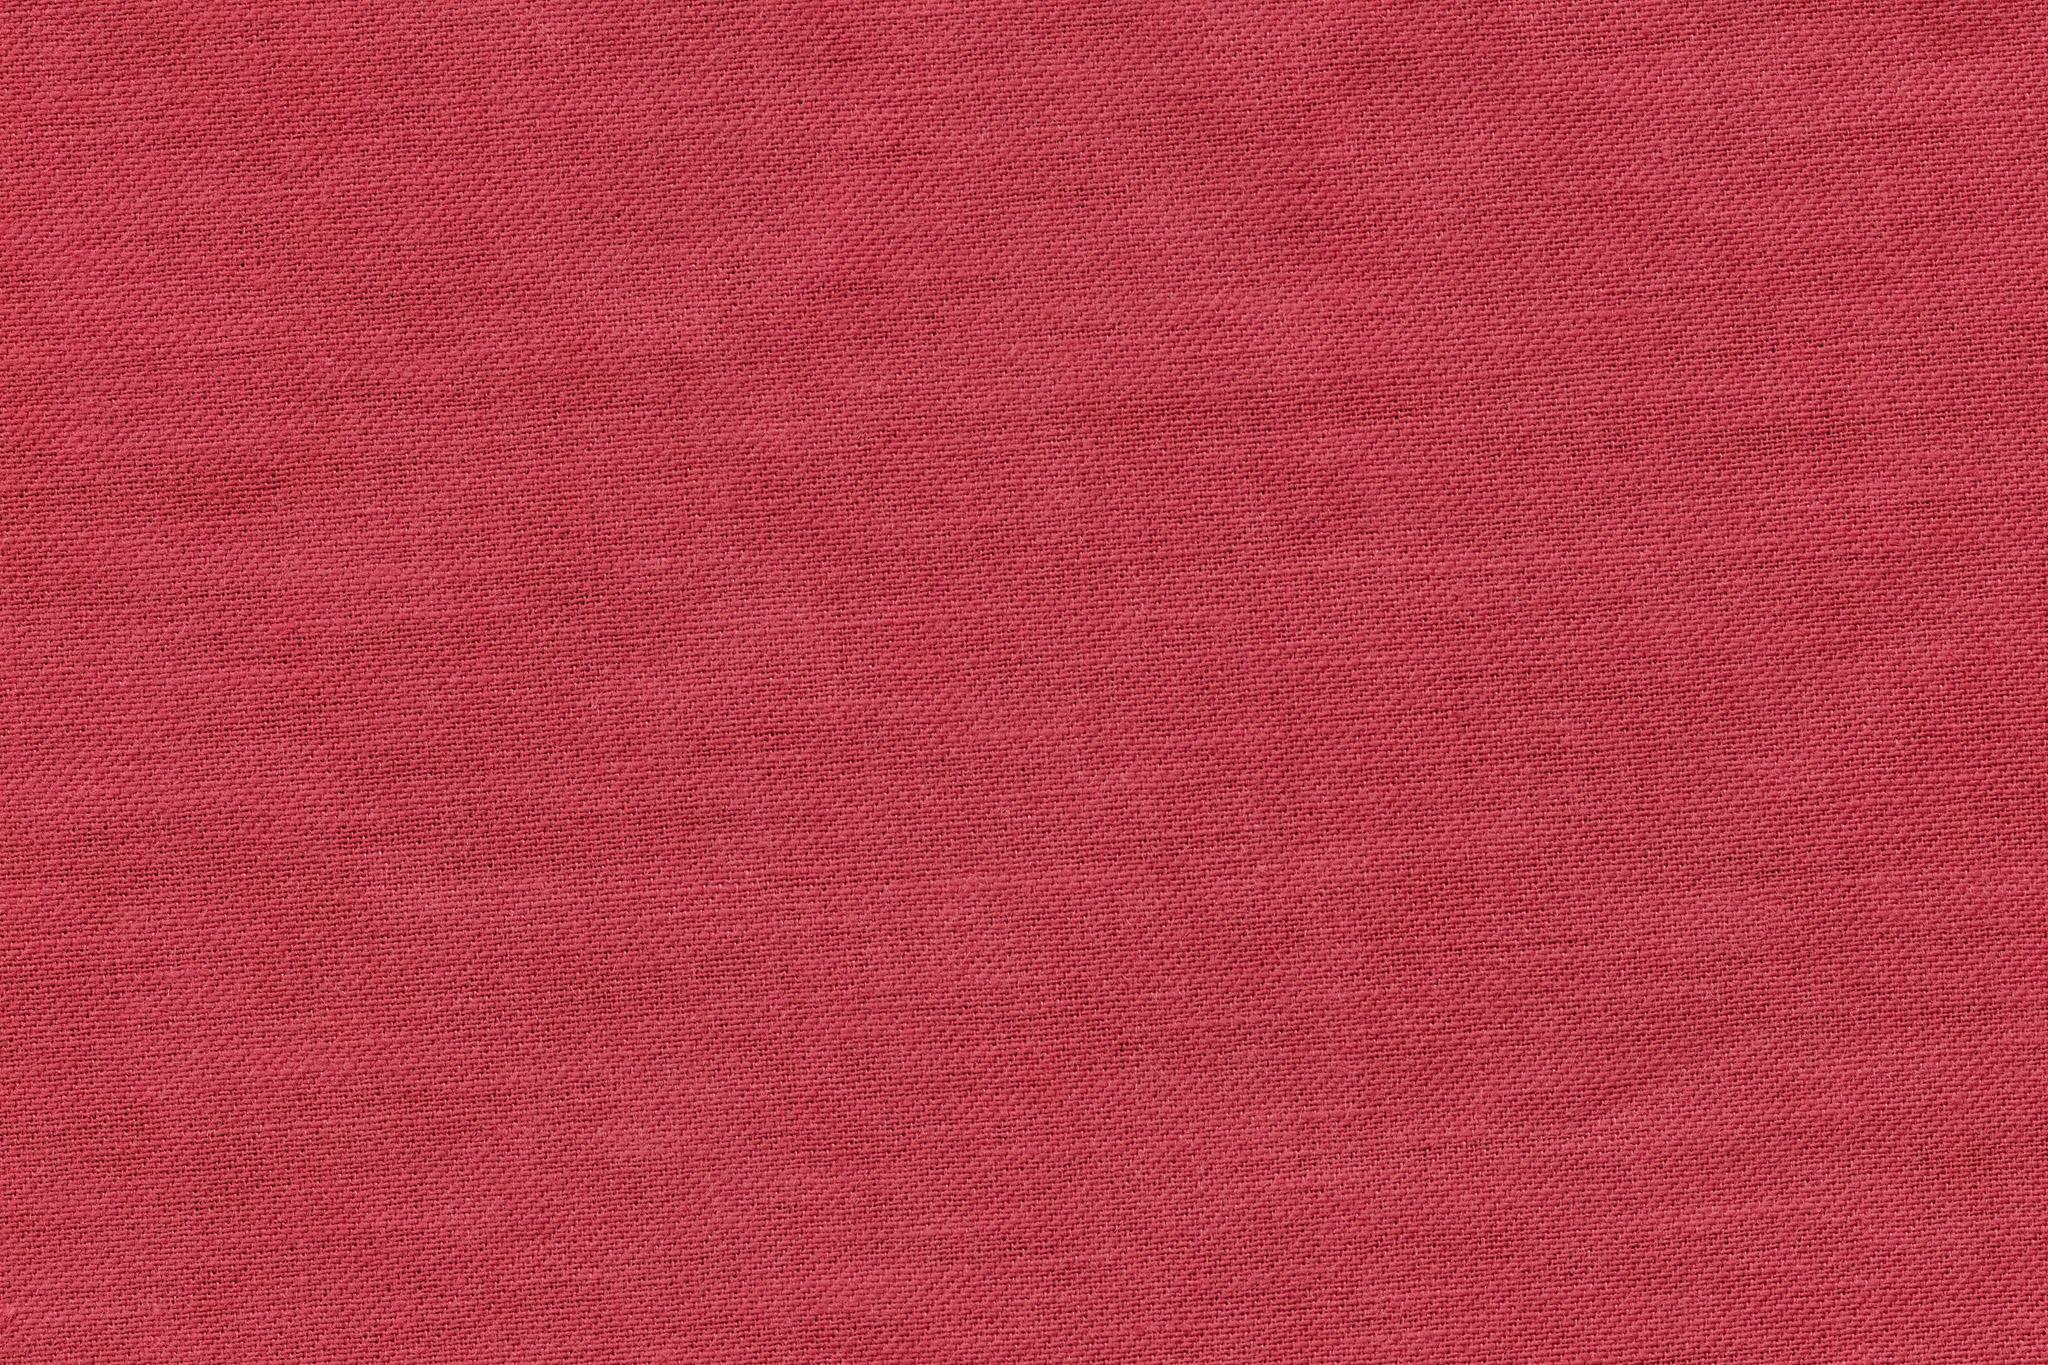 「赤い布のテクスチャ」の画像を無料ダウンロード